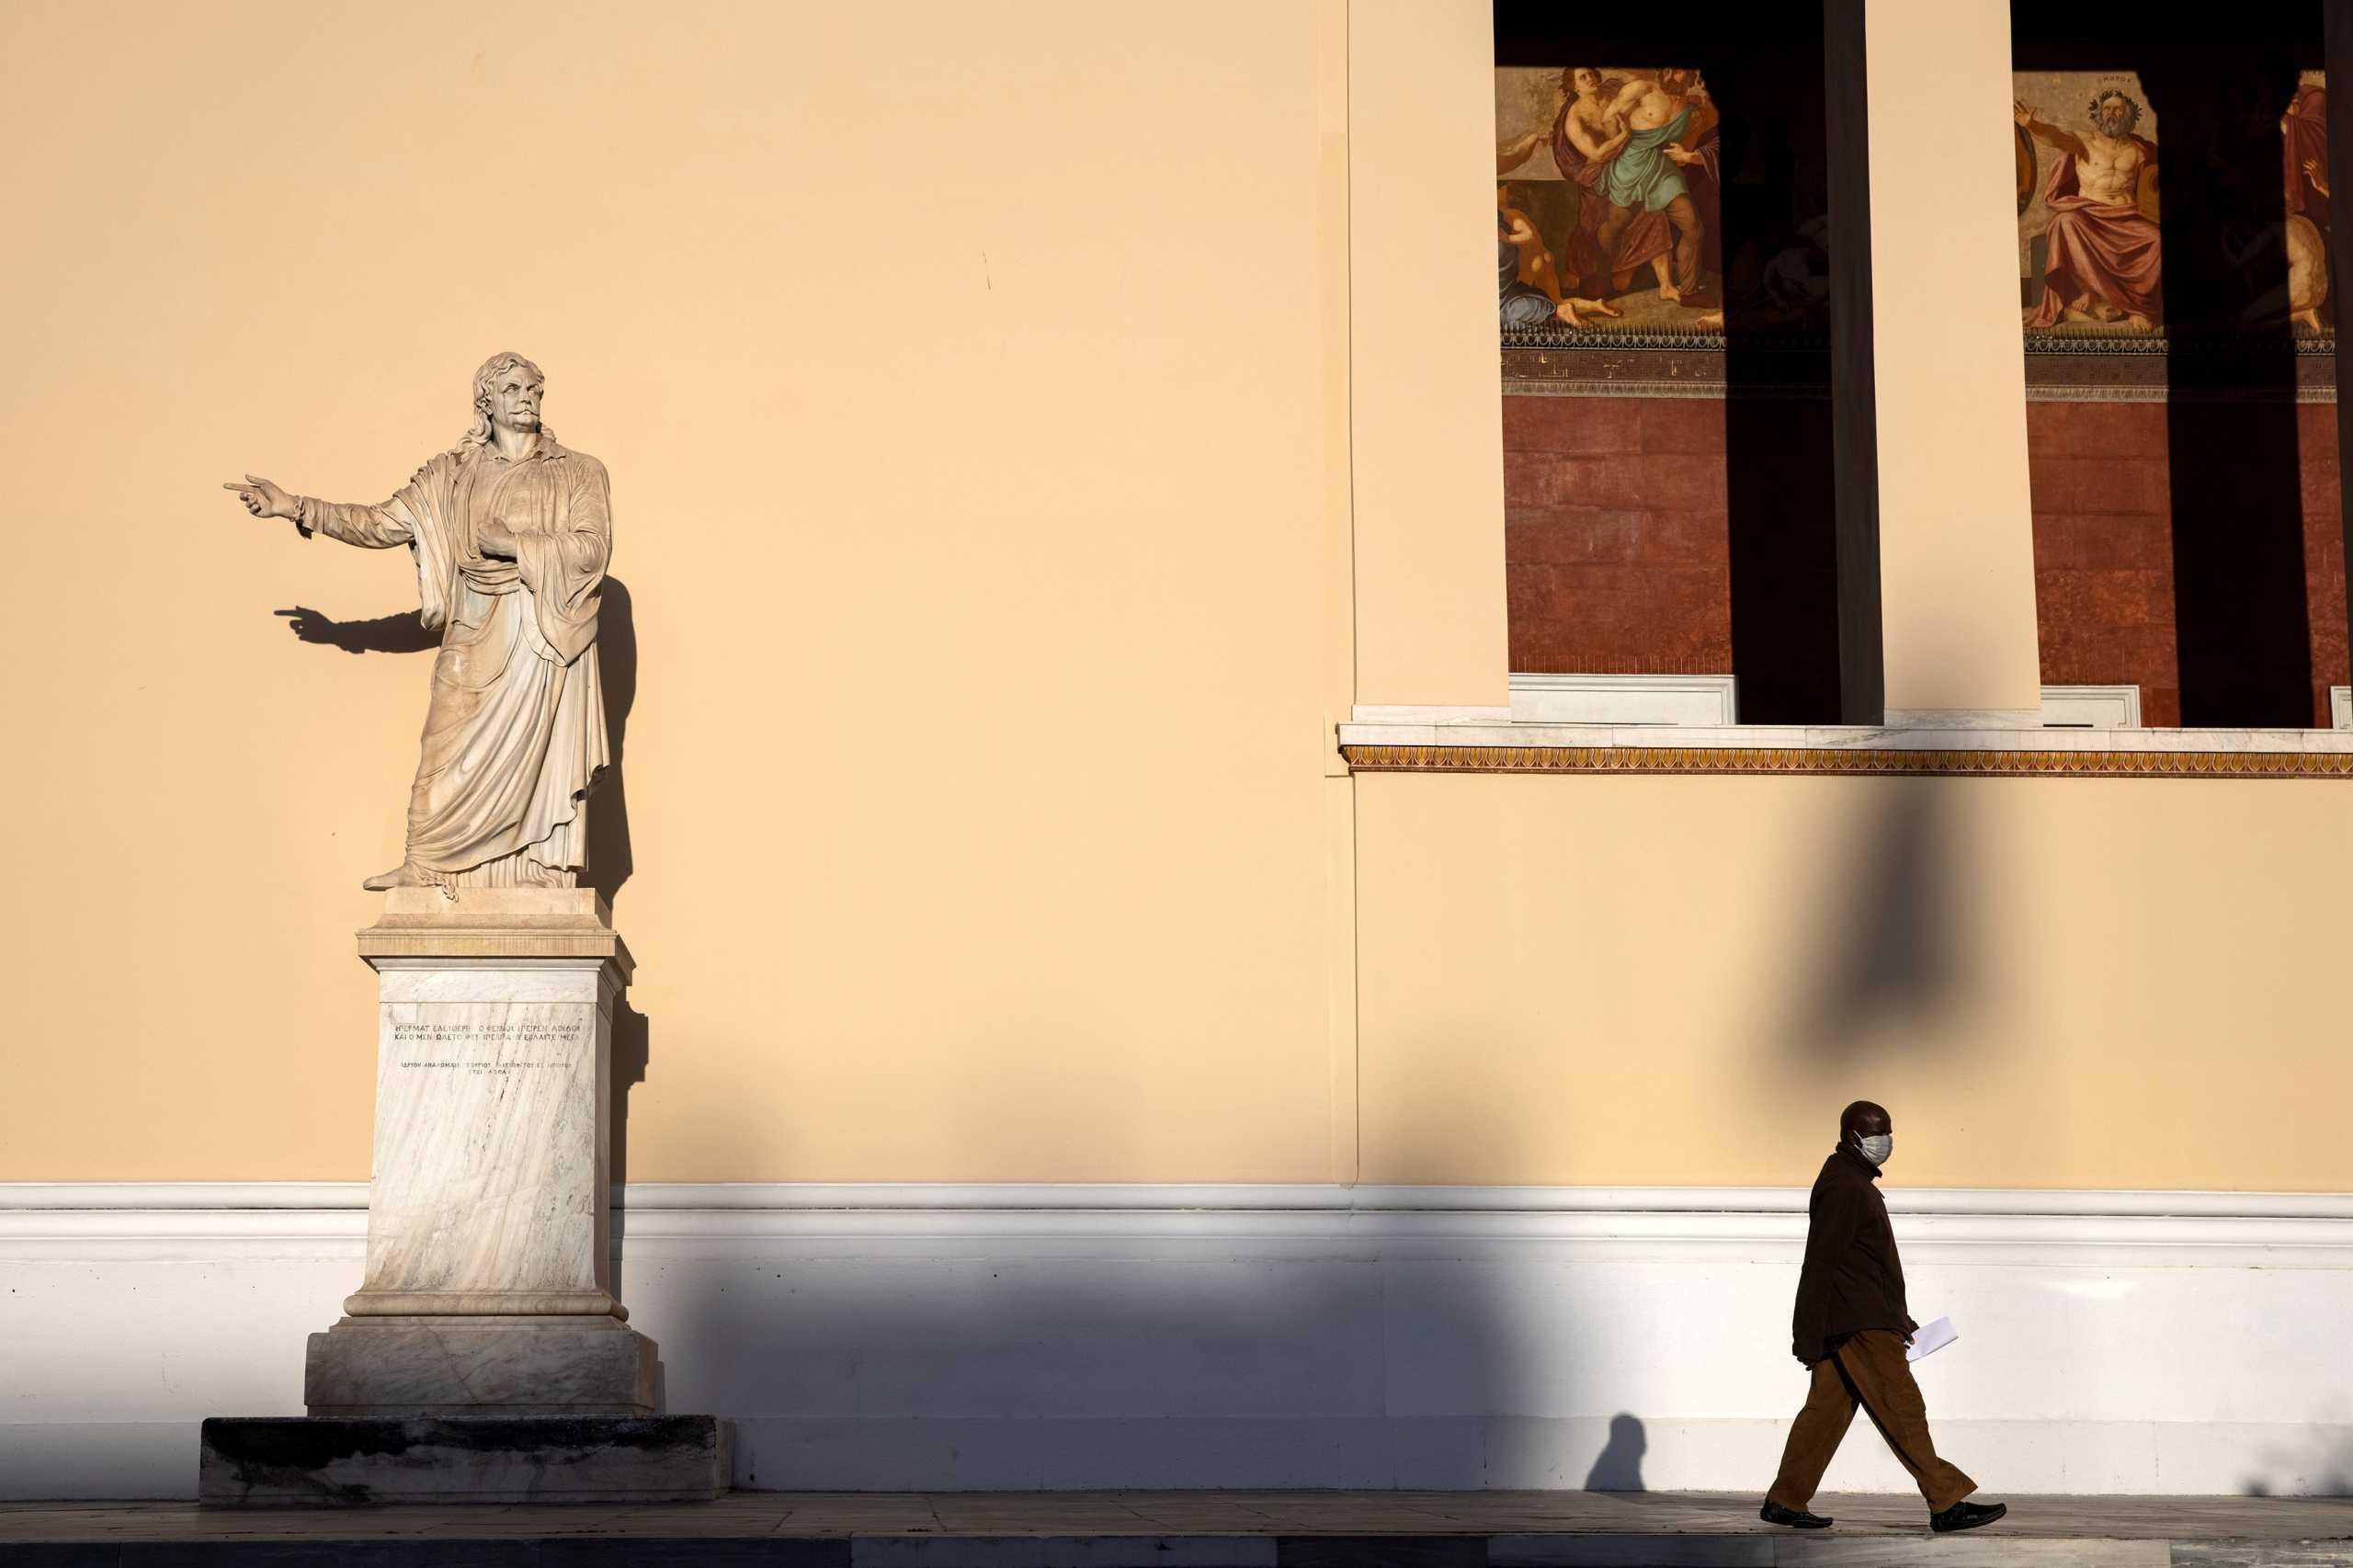 Αποθέωση για την Ελλάδα από την ιταλική«Corriere della Sera» για τους χειρισμούς κατά του κορονοϊού